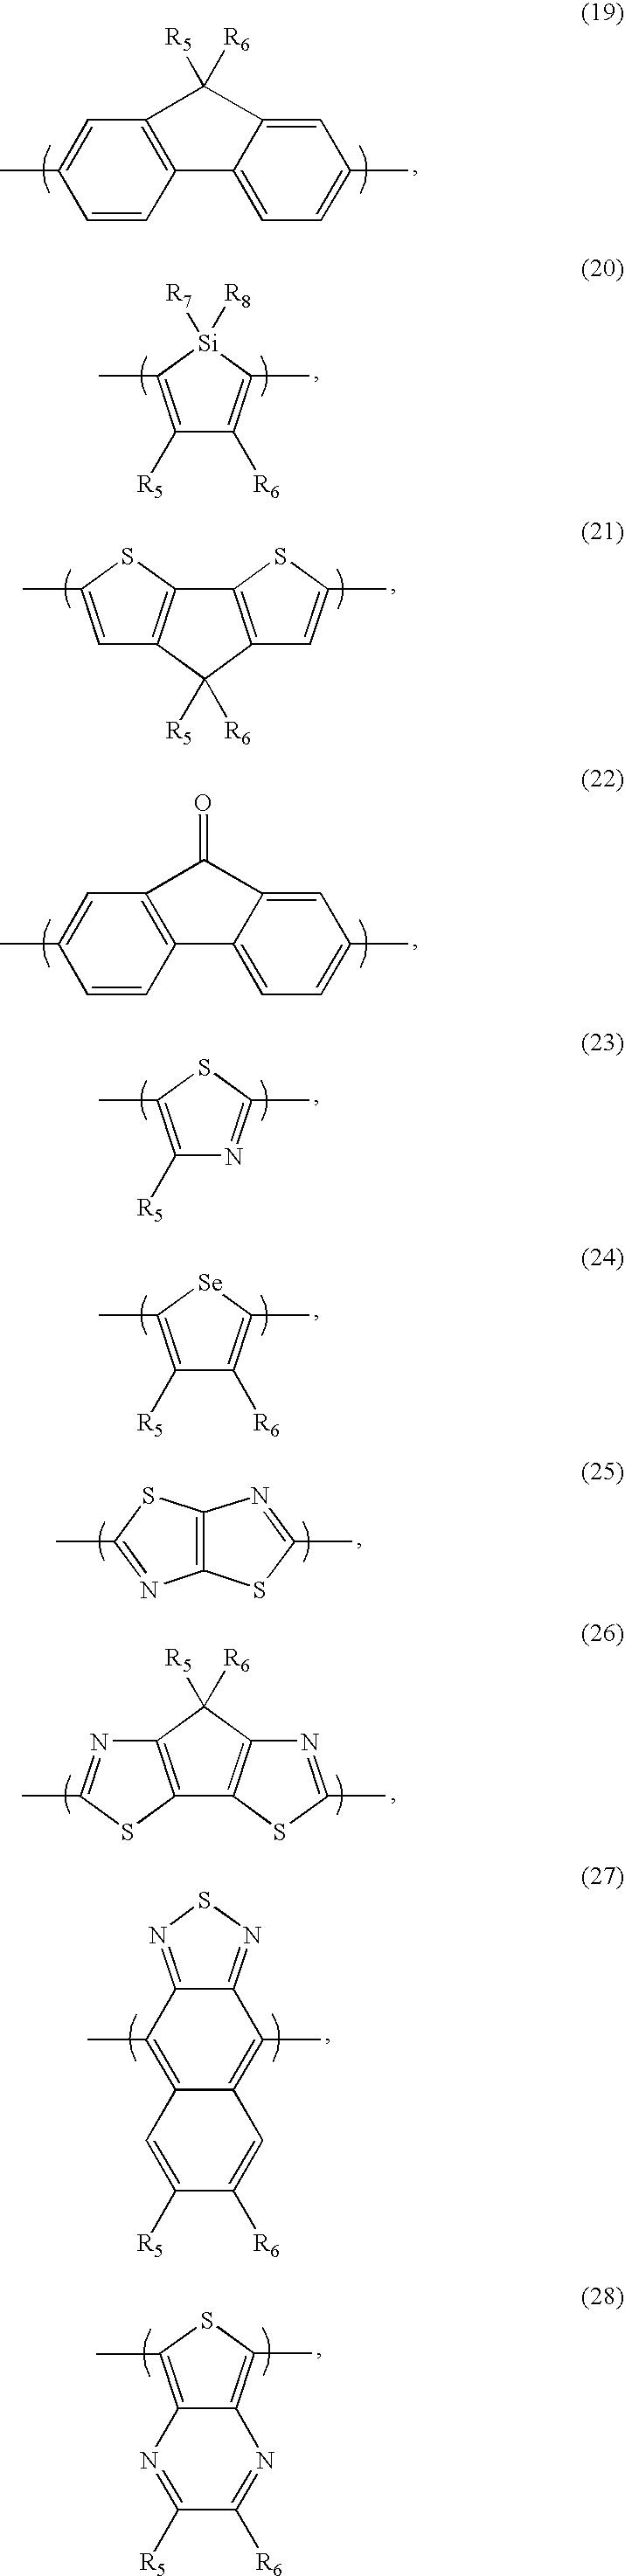 Figure US20070246094A1-20071025-C00009